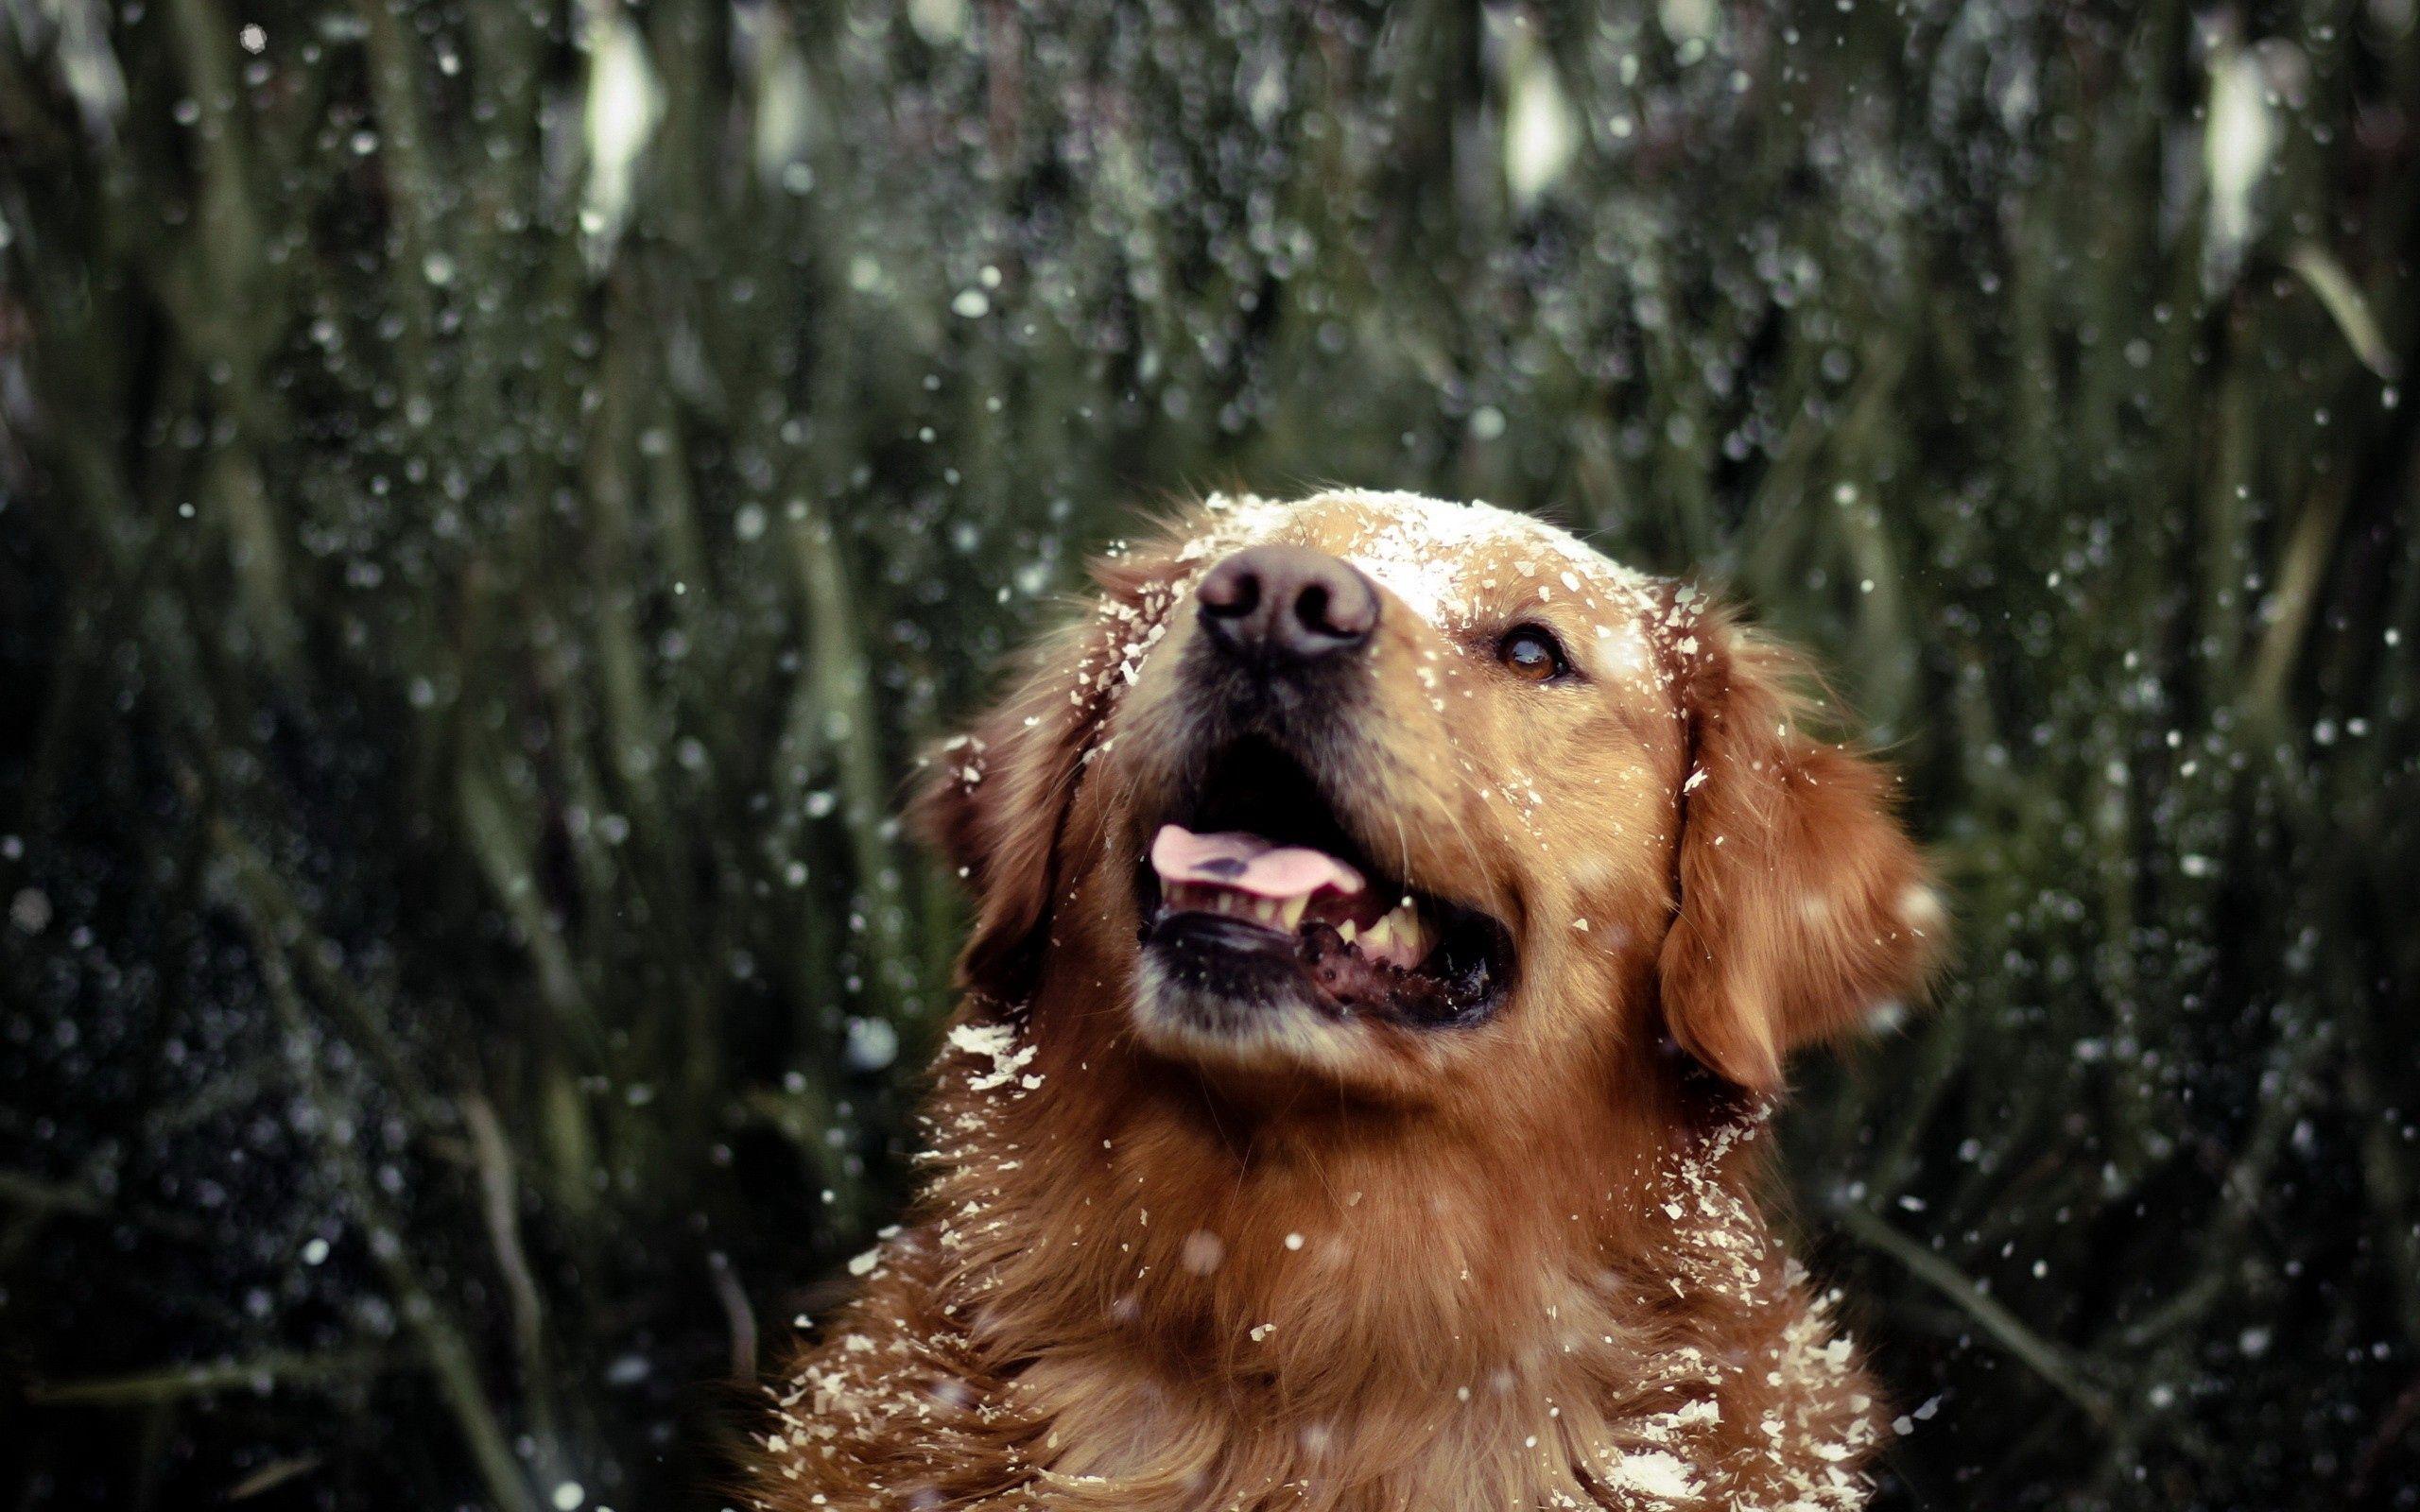 Handy-Wallpaper Tiere, Grass, Drops, Hund, Spielerisch, Spielerische kostenlos herunterladen.